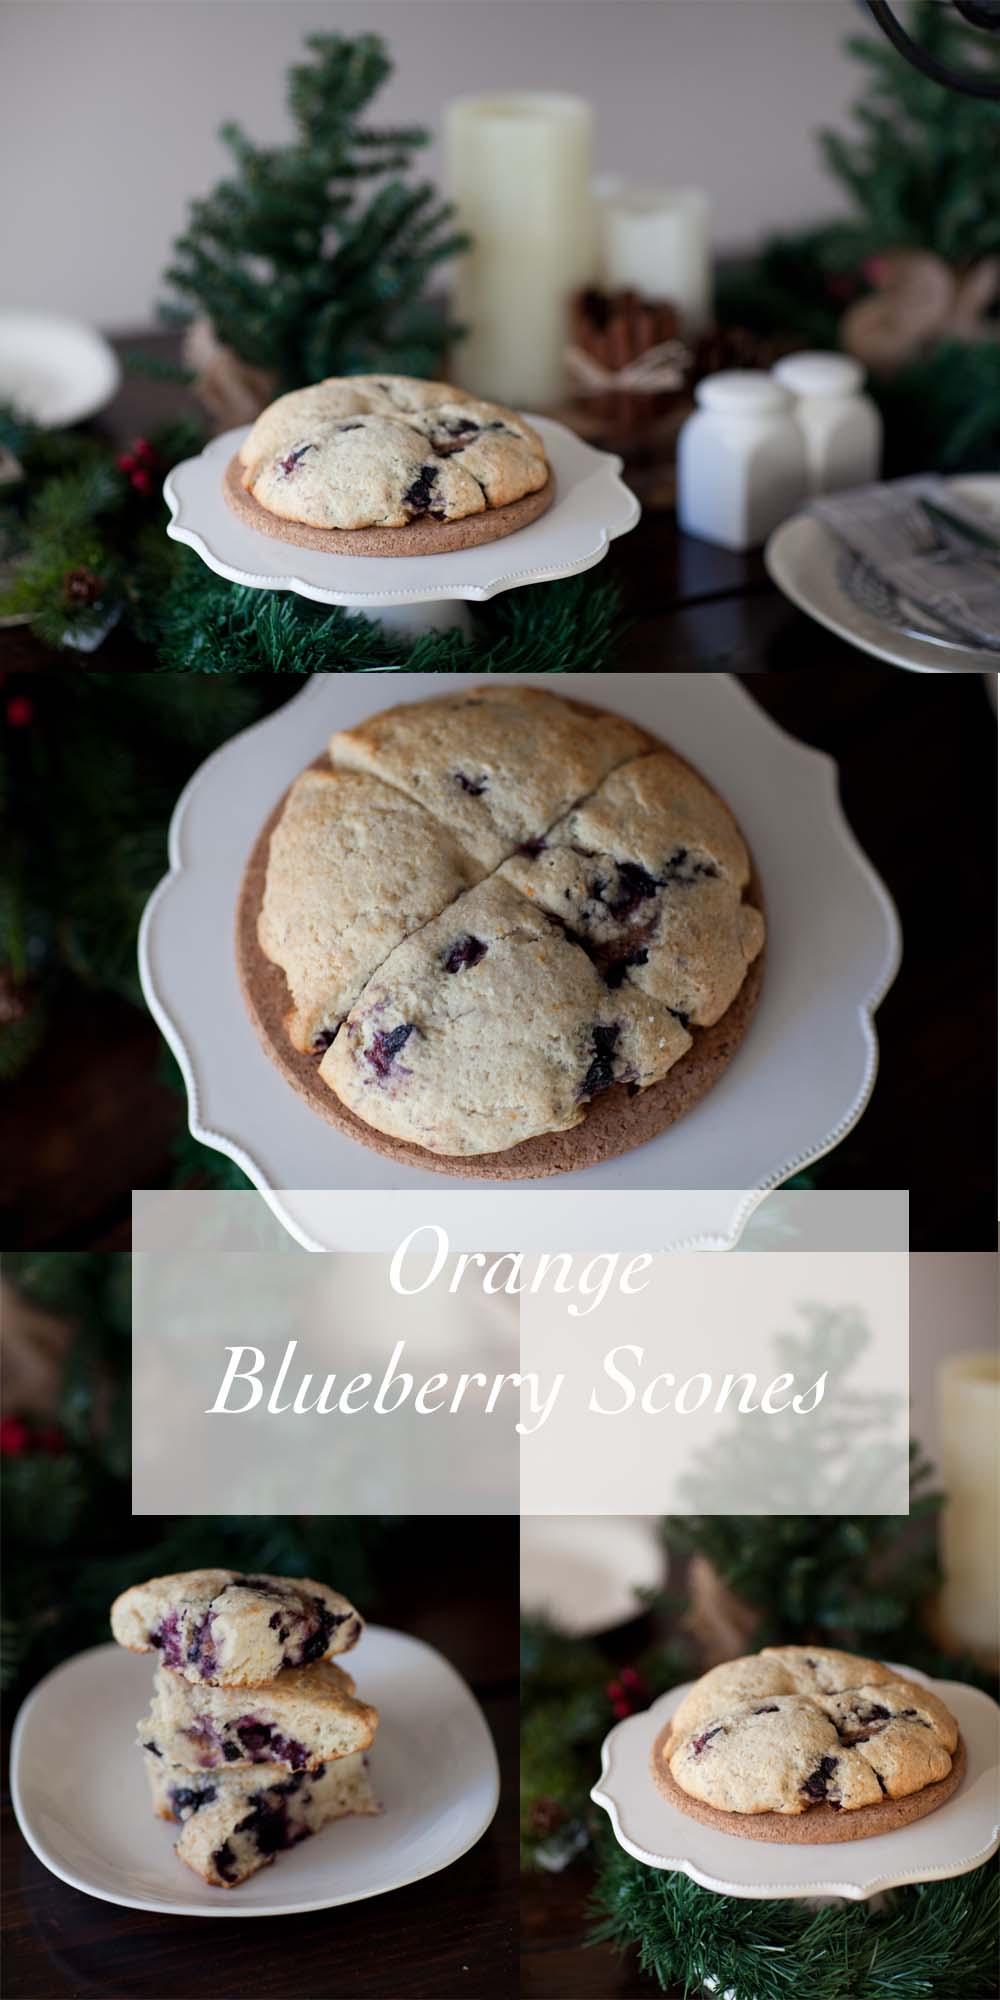 orangeblueberry scones